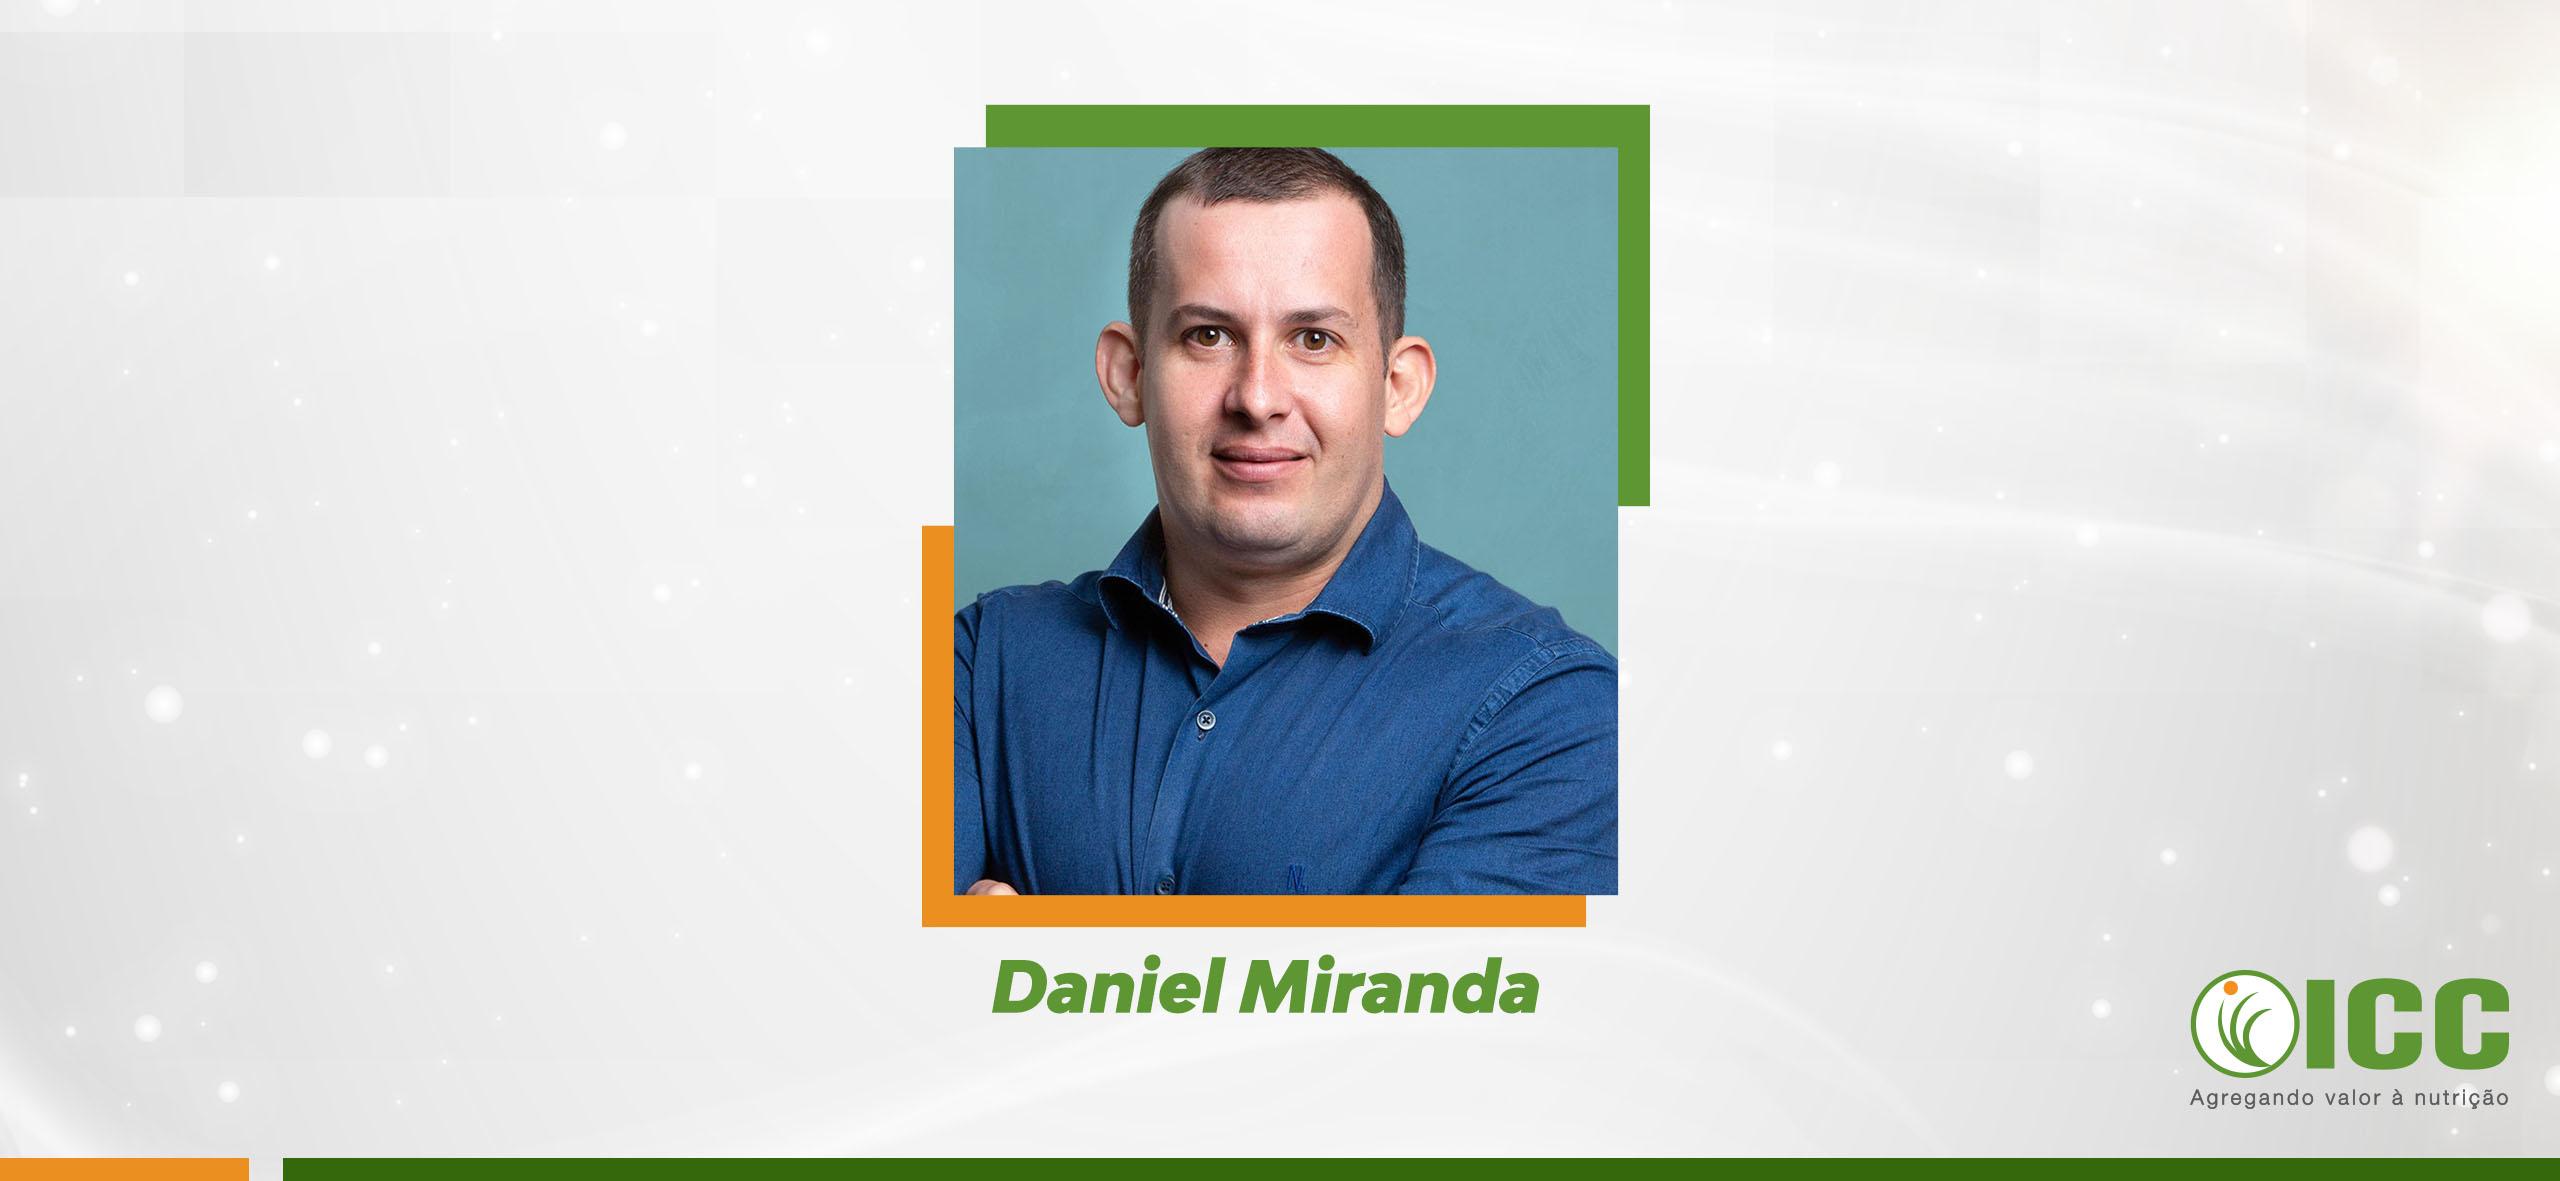 Enfoque en las personas: Daniel Miranda es el nuevo profesional que se une al equipo de ICC